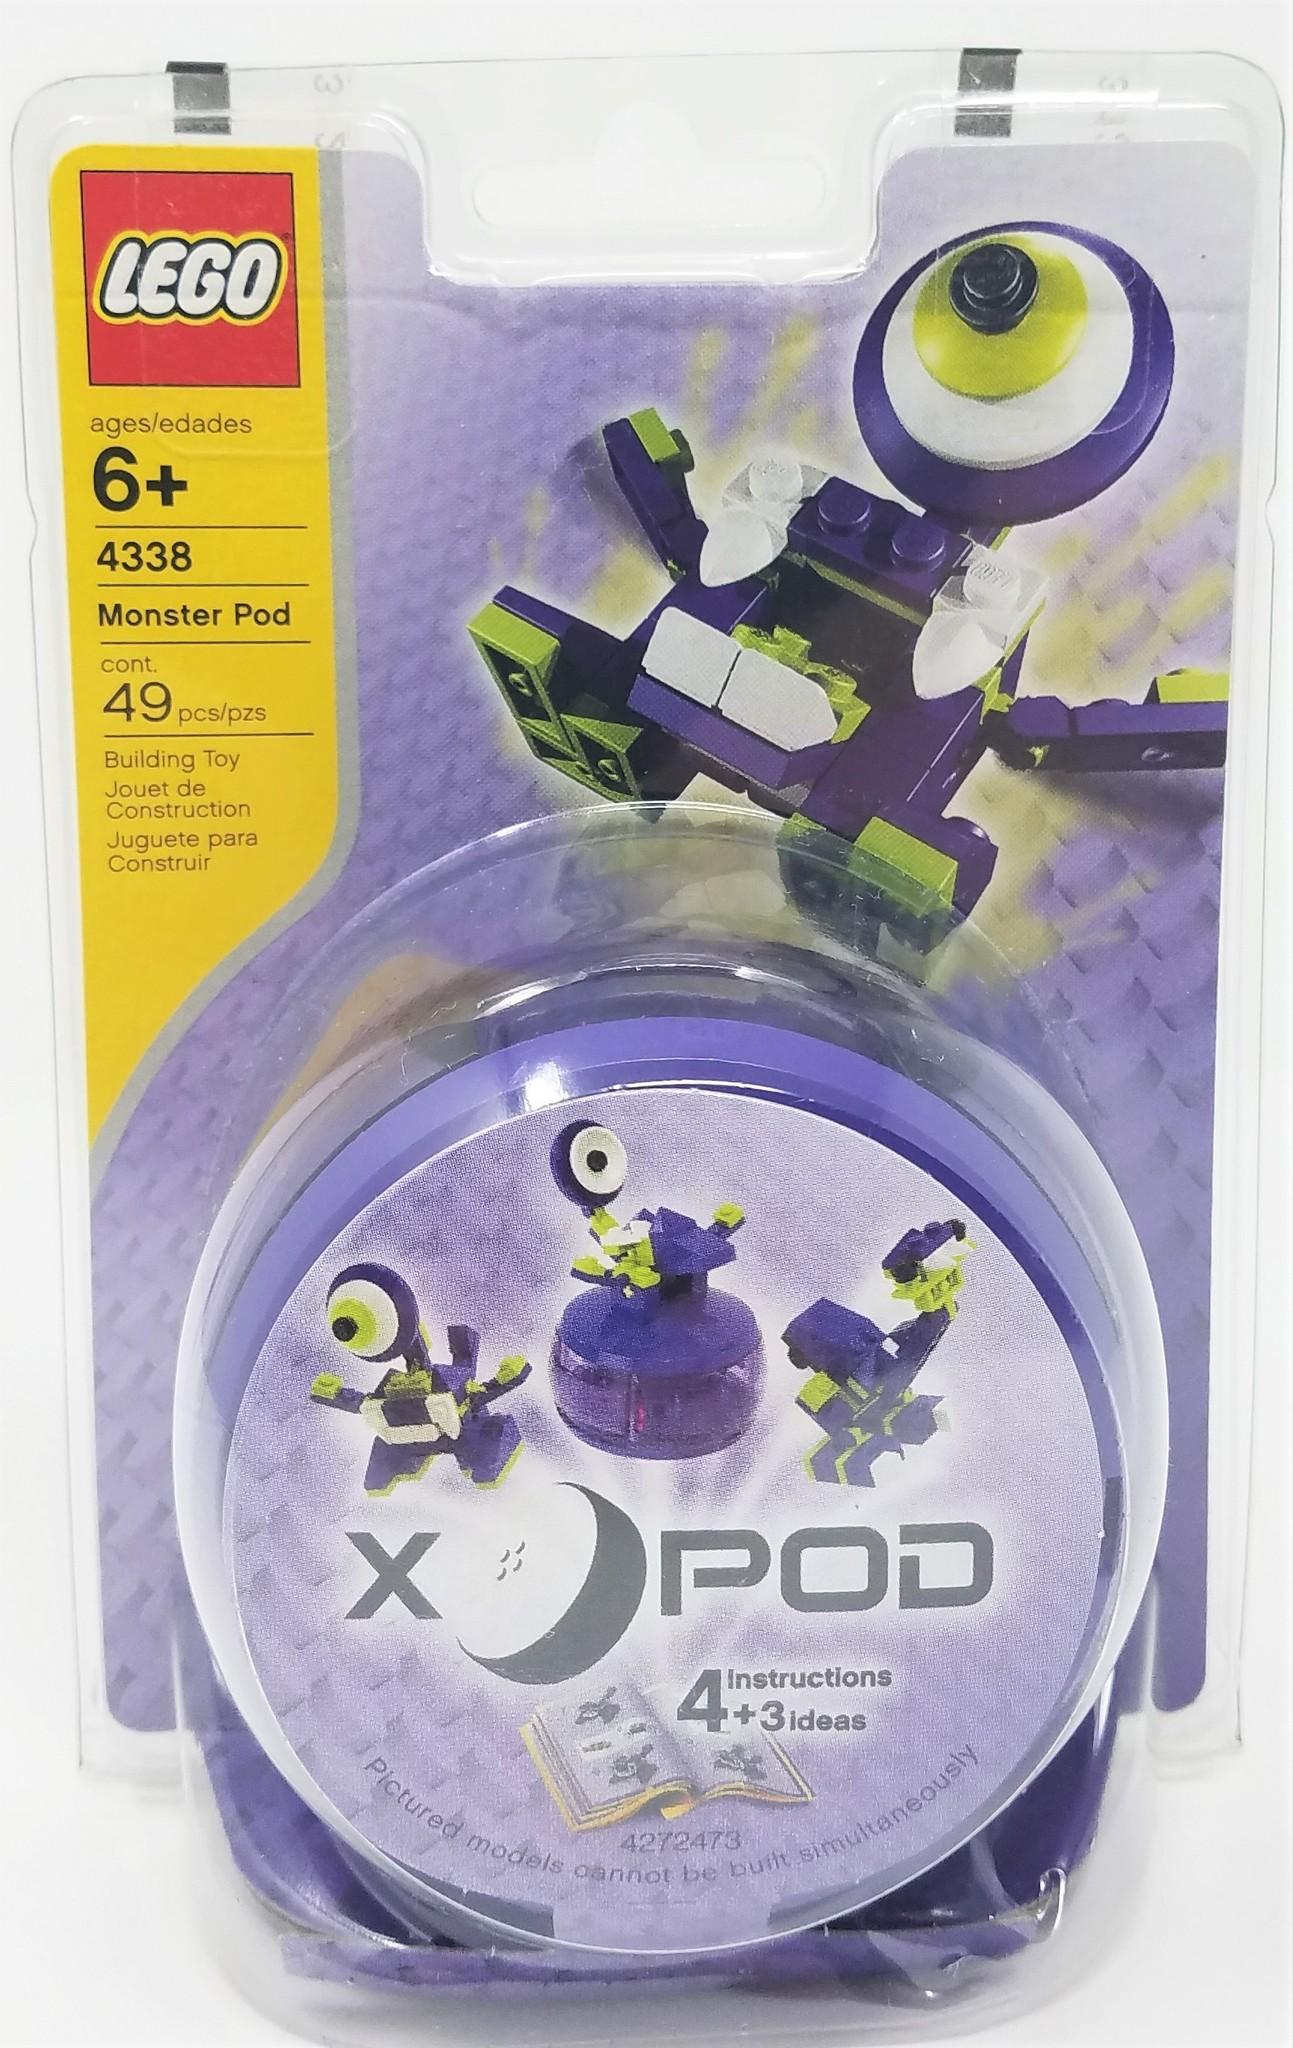 LEGO 4338 XPOD: Monster